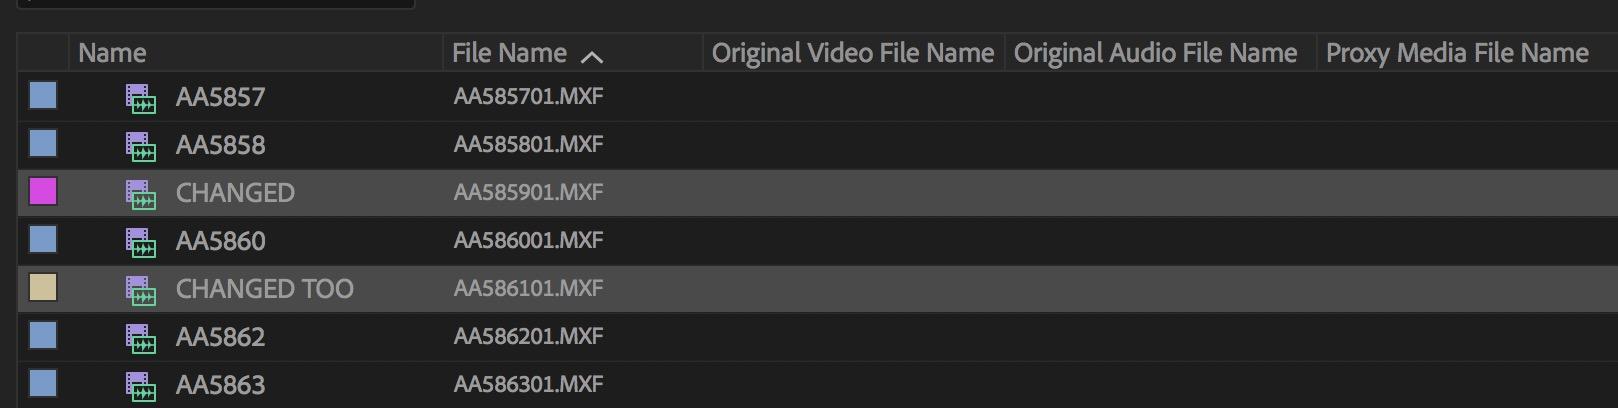 Adobe Premiere Pro name metadata